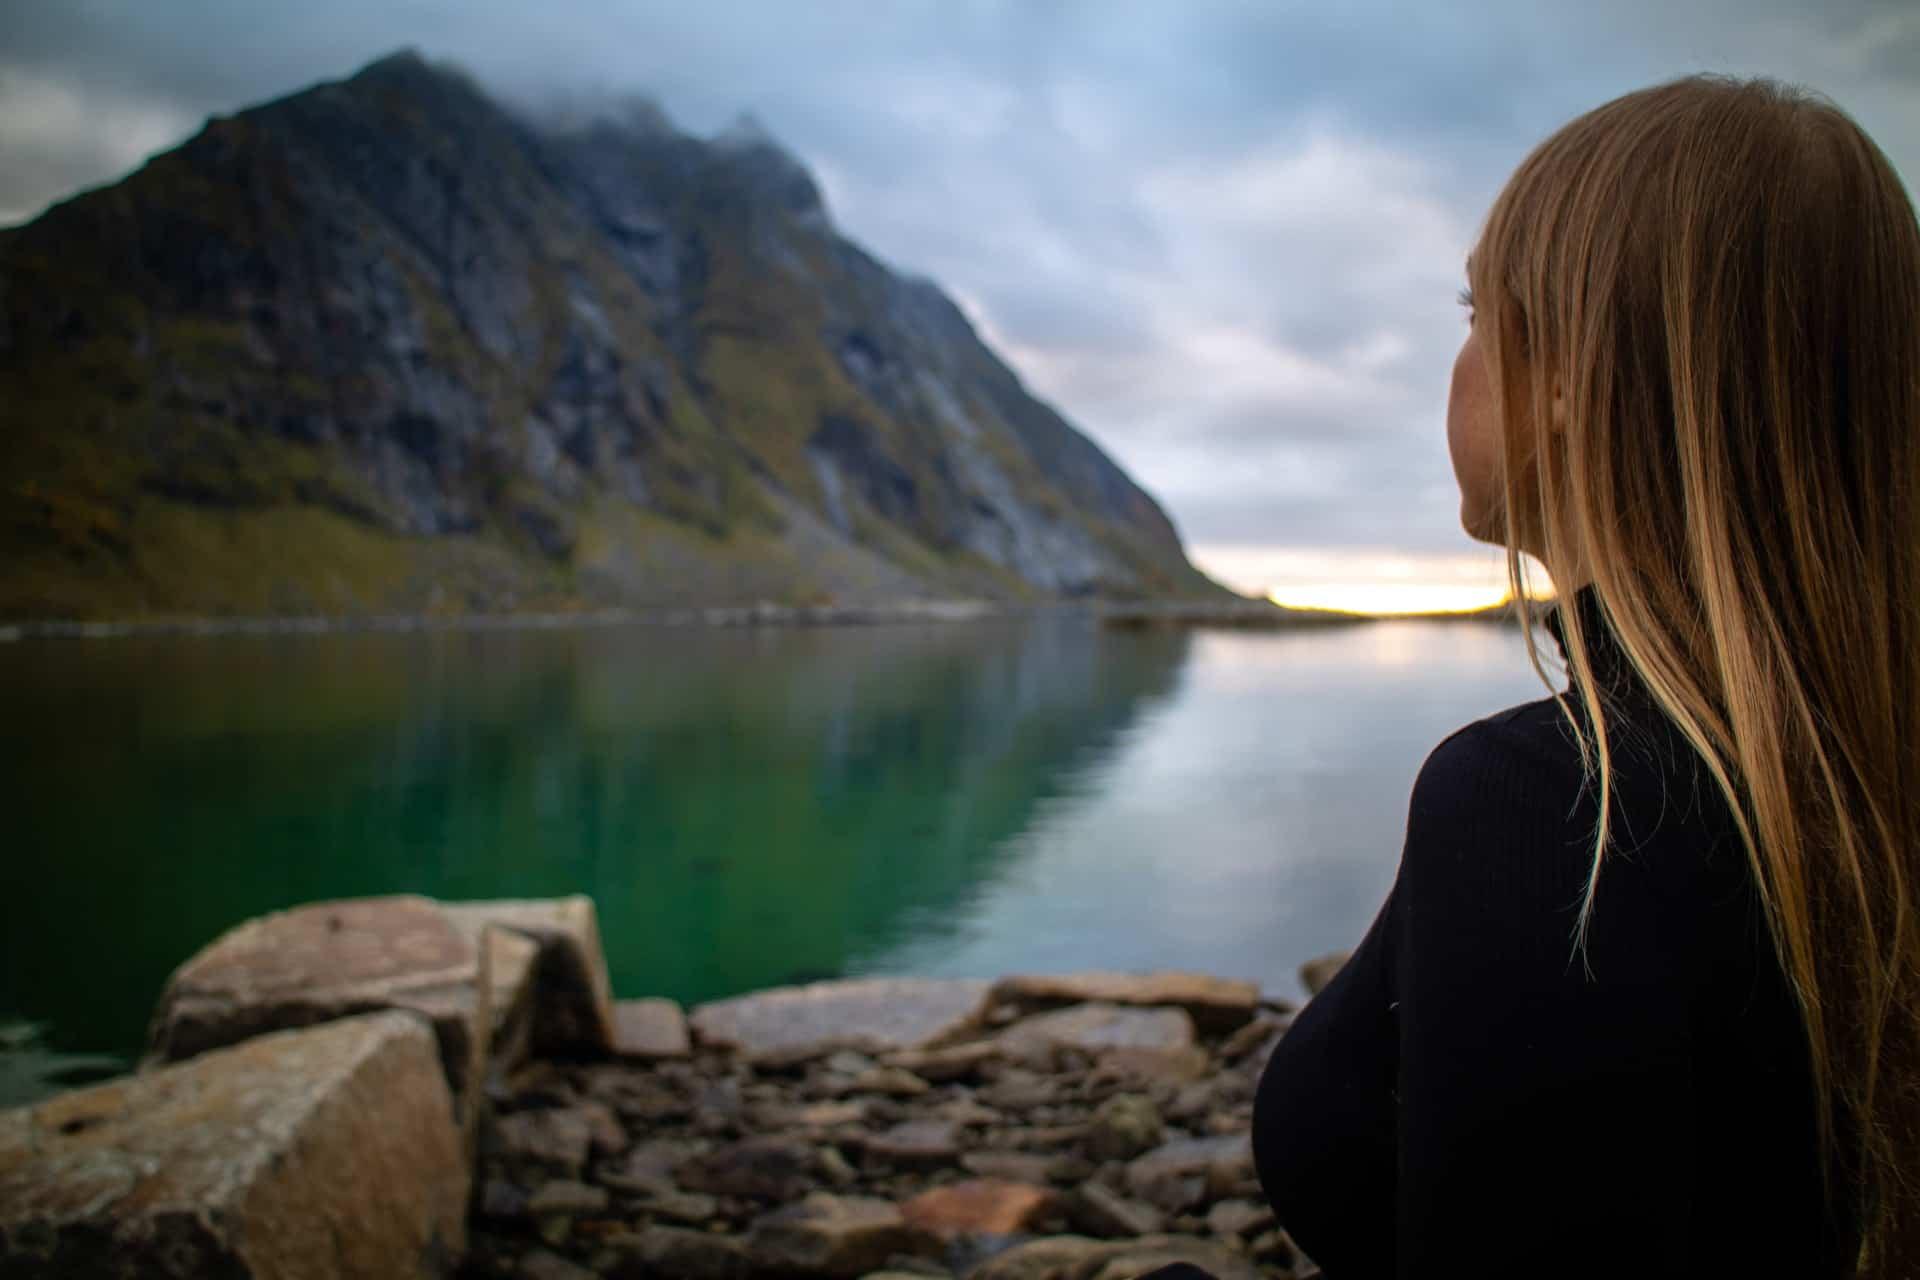 Eine Frau mit langen blonden Haaren steht am See